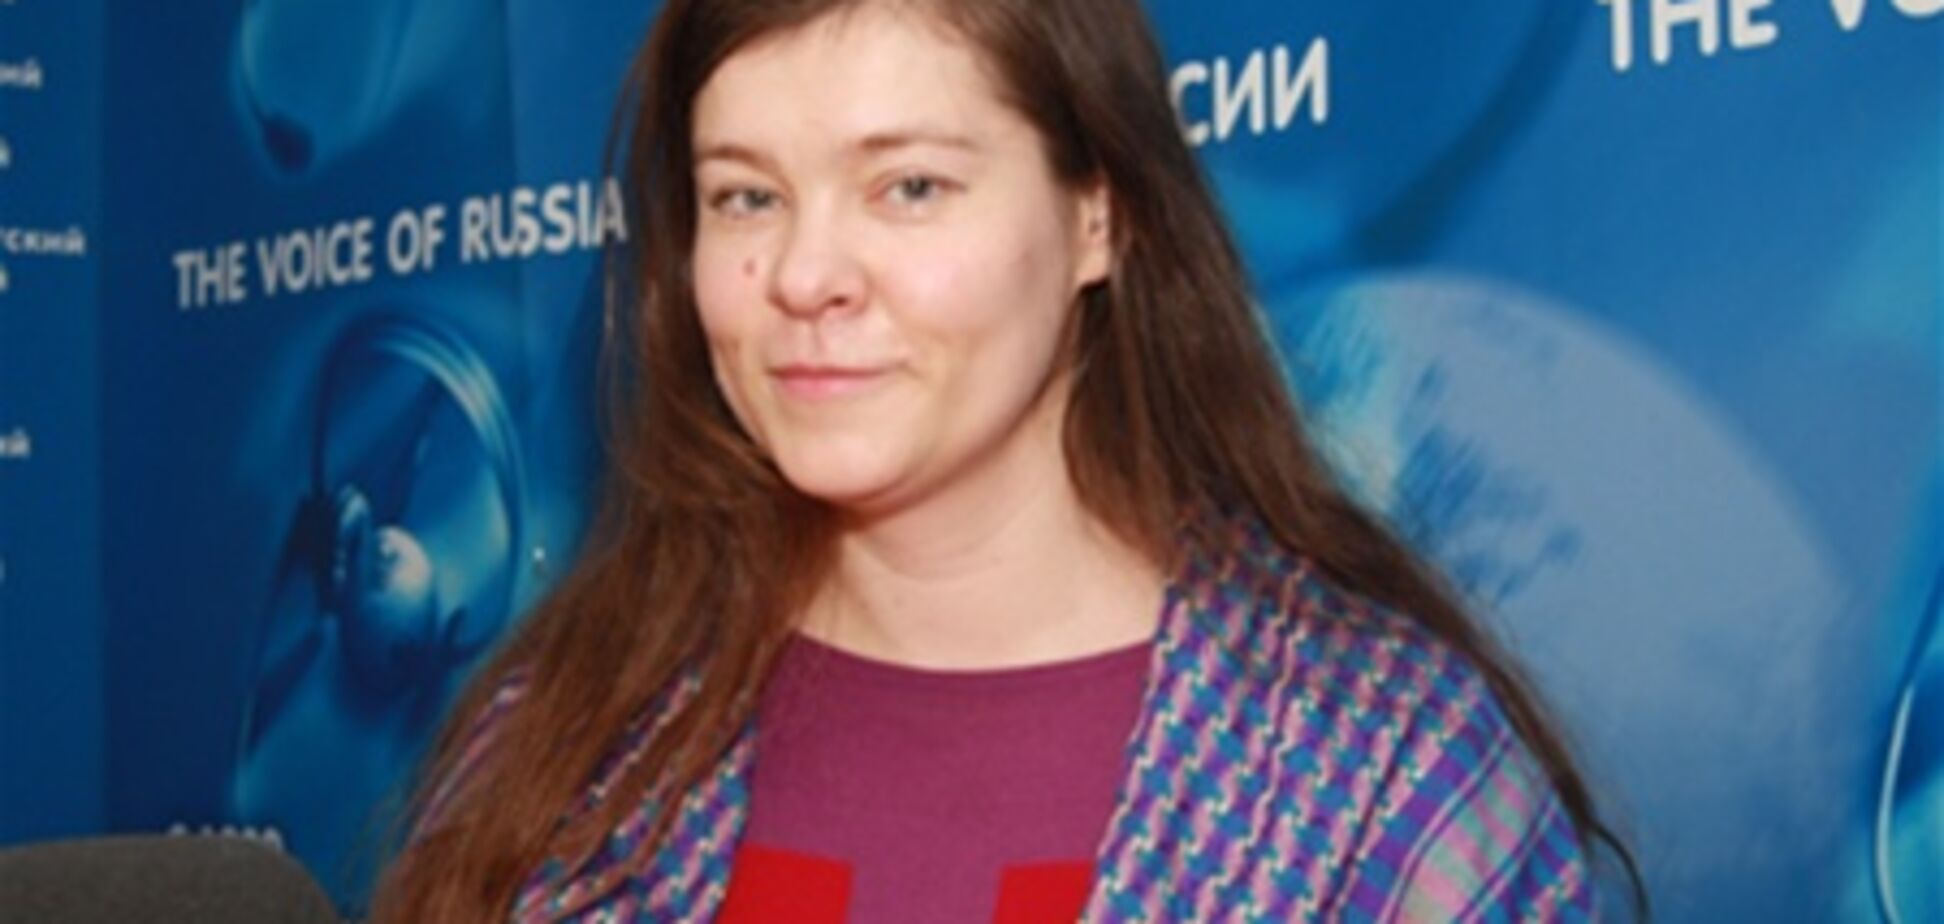 Сирійські повстанці погрожують вбити українську журналістку